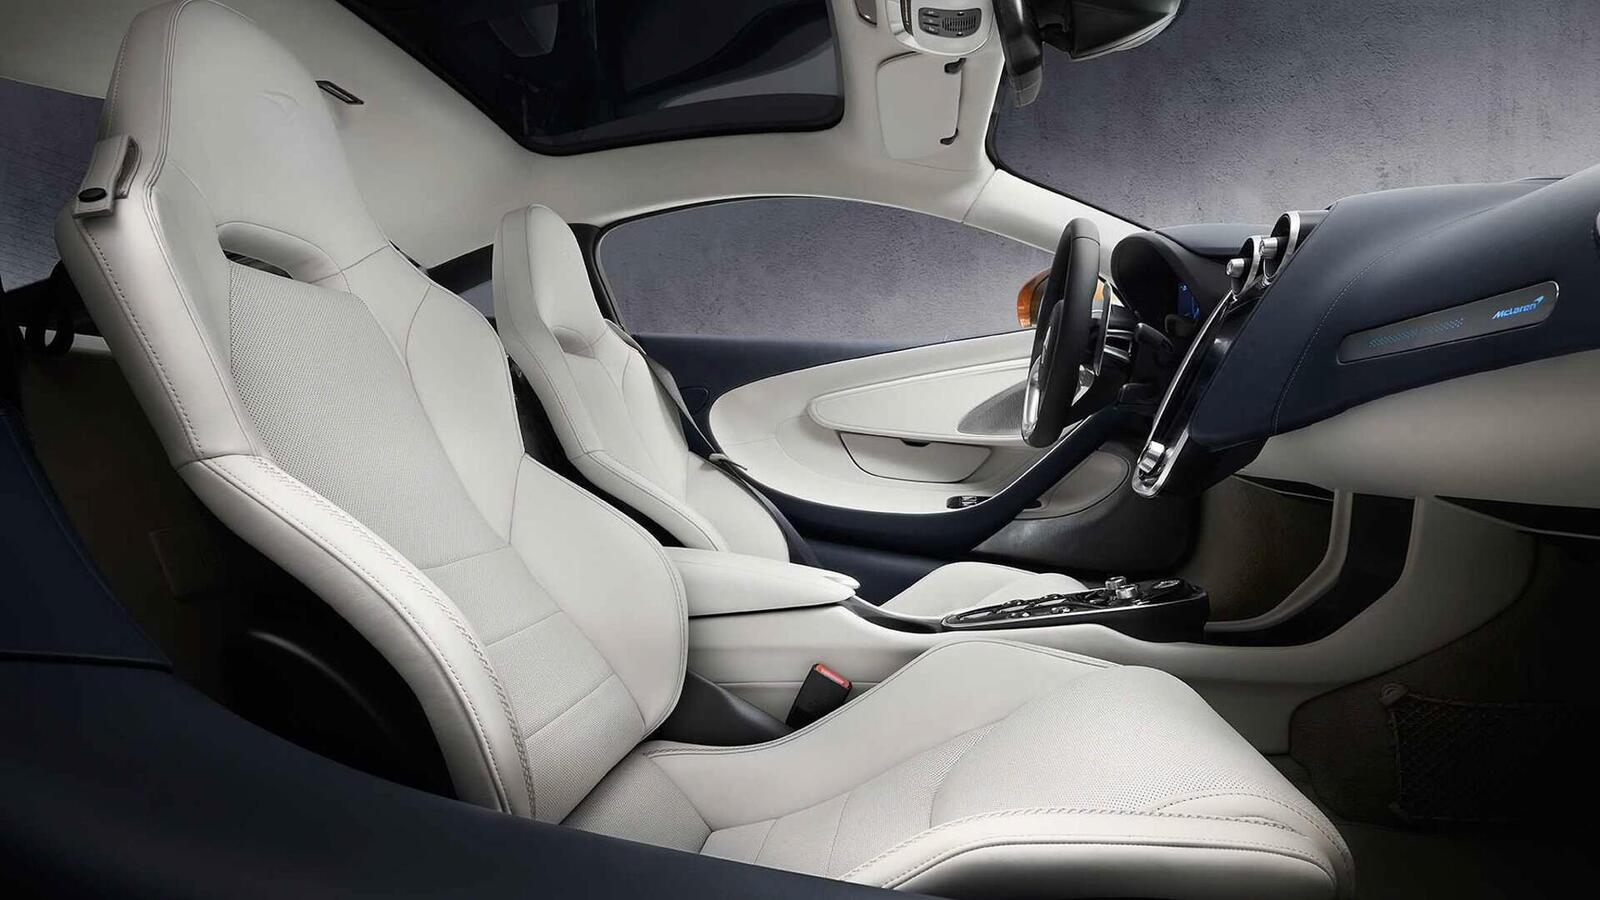 McLaren giới thiệu siêu xe GT 2020 hoàn toàn mới: Động cơ mạnh mẽ và cabin thoải mái - Hình 6